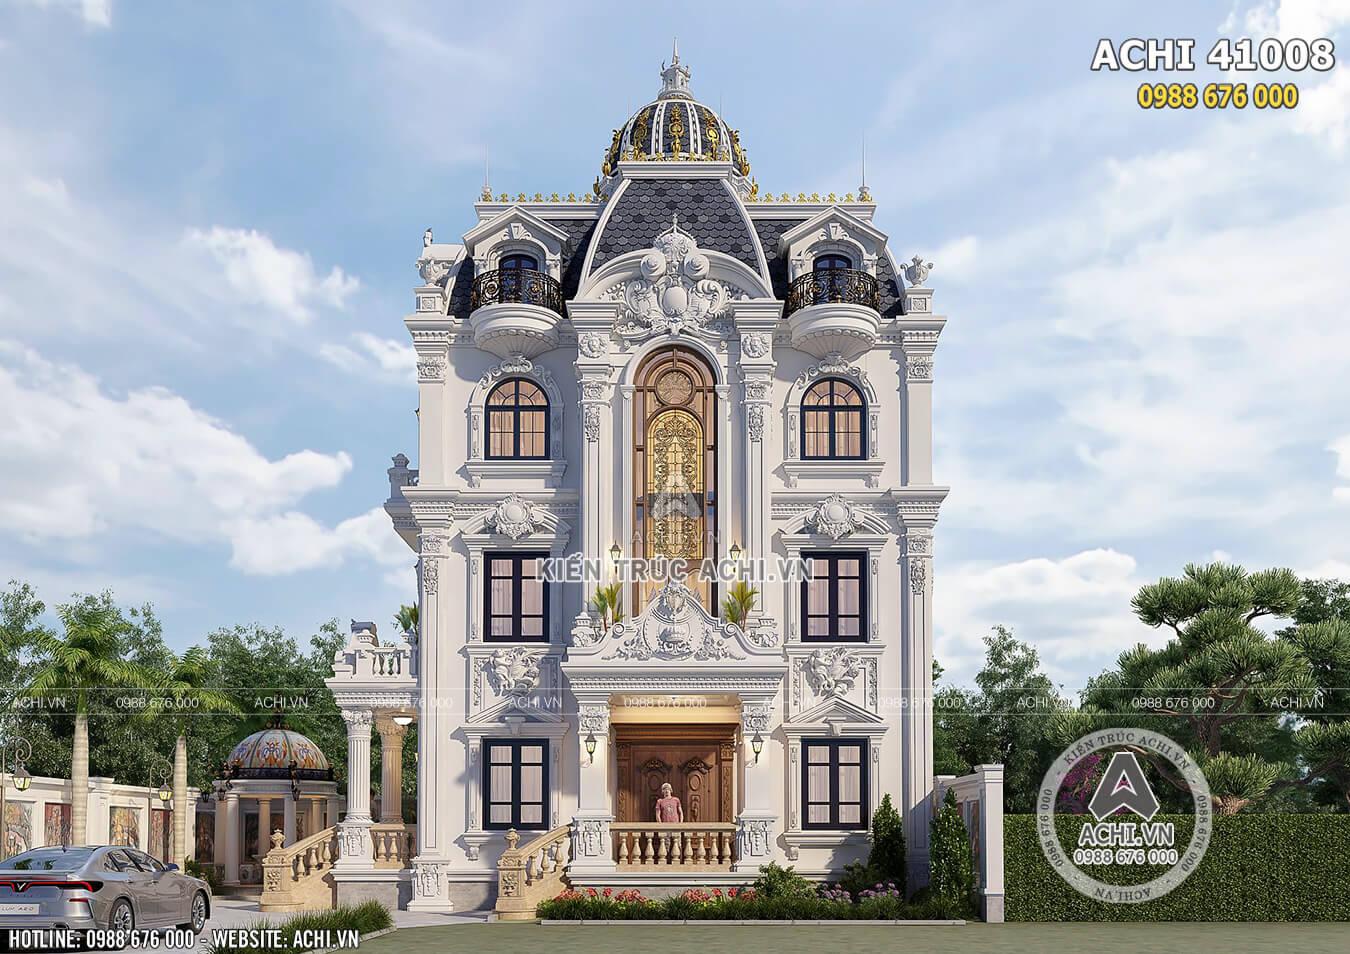 Mặt tiền ngôi biệt thự tân cổ điển 4 tầng sang trọng và độc đáo